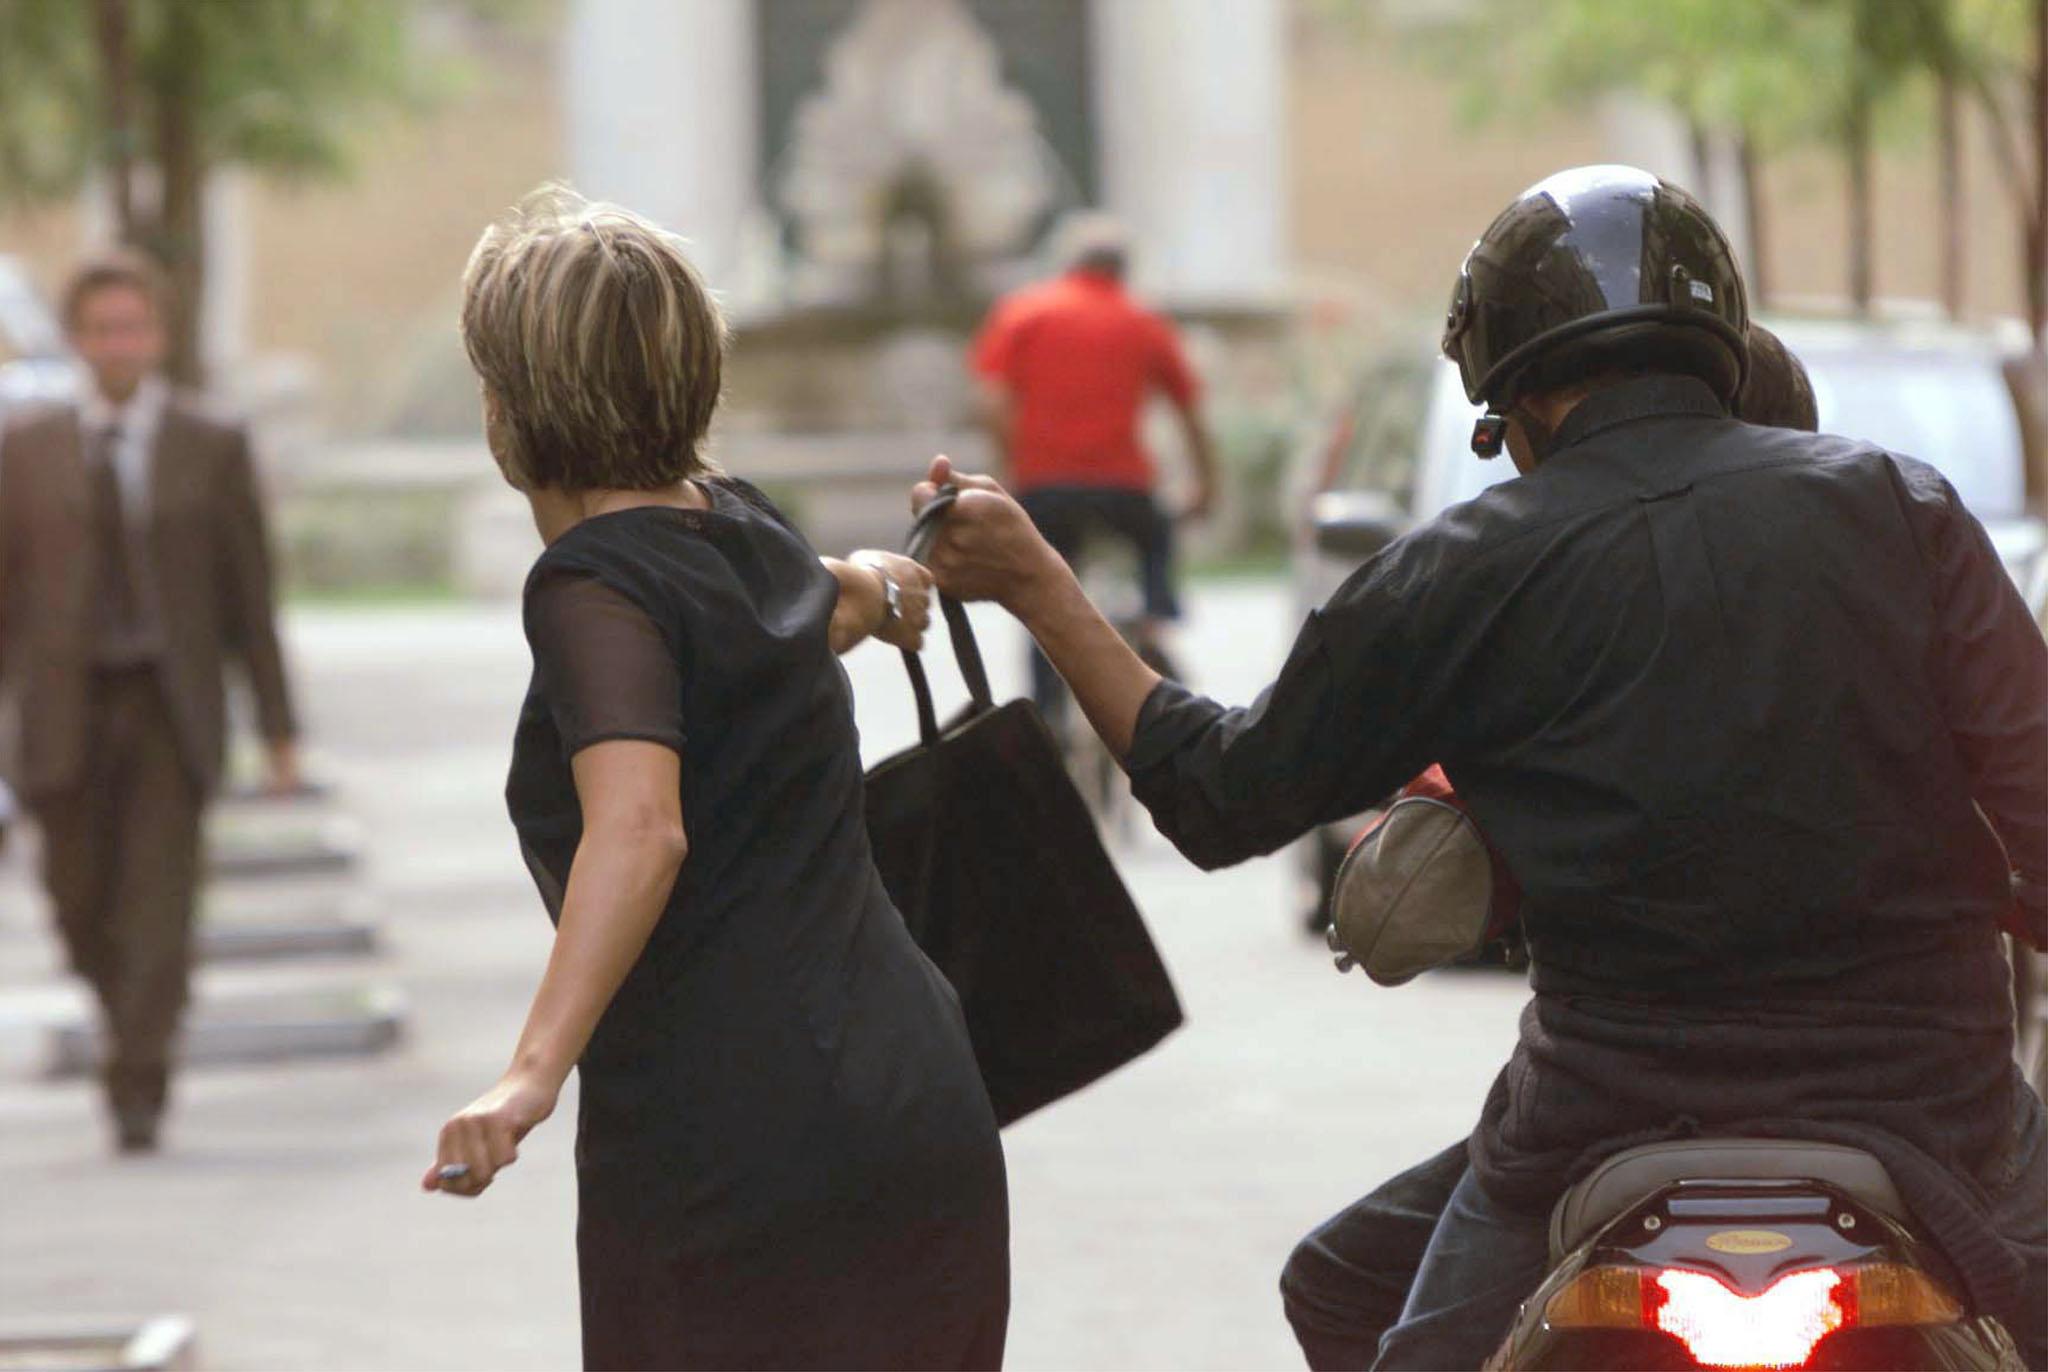 A Bari, scippano una donna, intervengono carabinieri mimetizzati tra i passanti